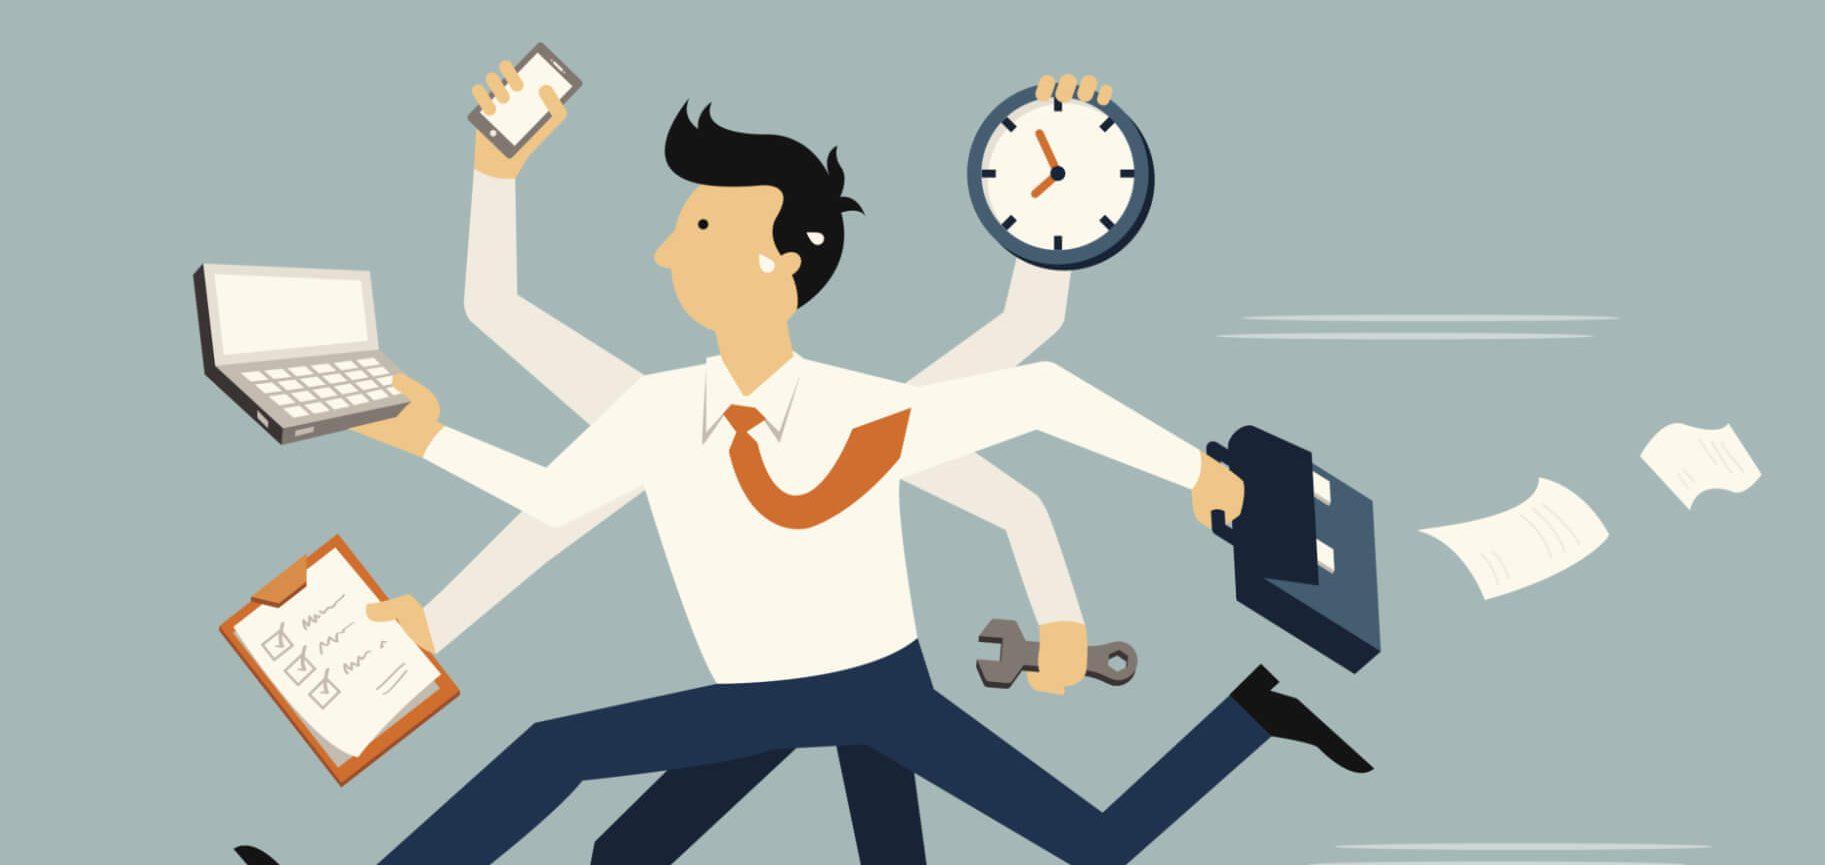 5 major skills entrepreneurs should possess